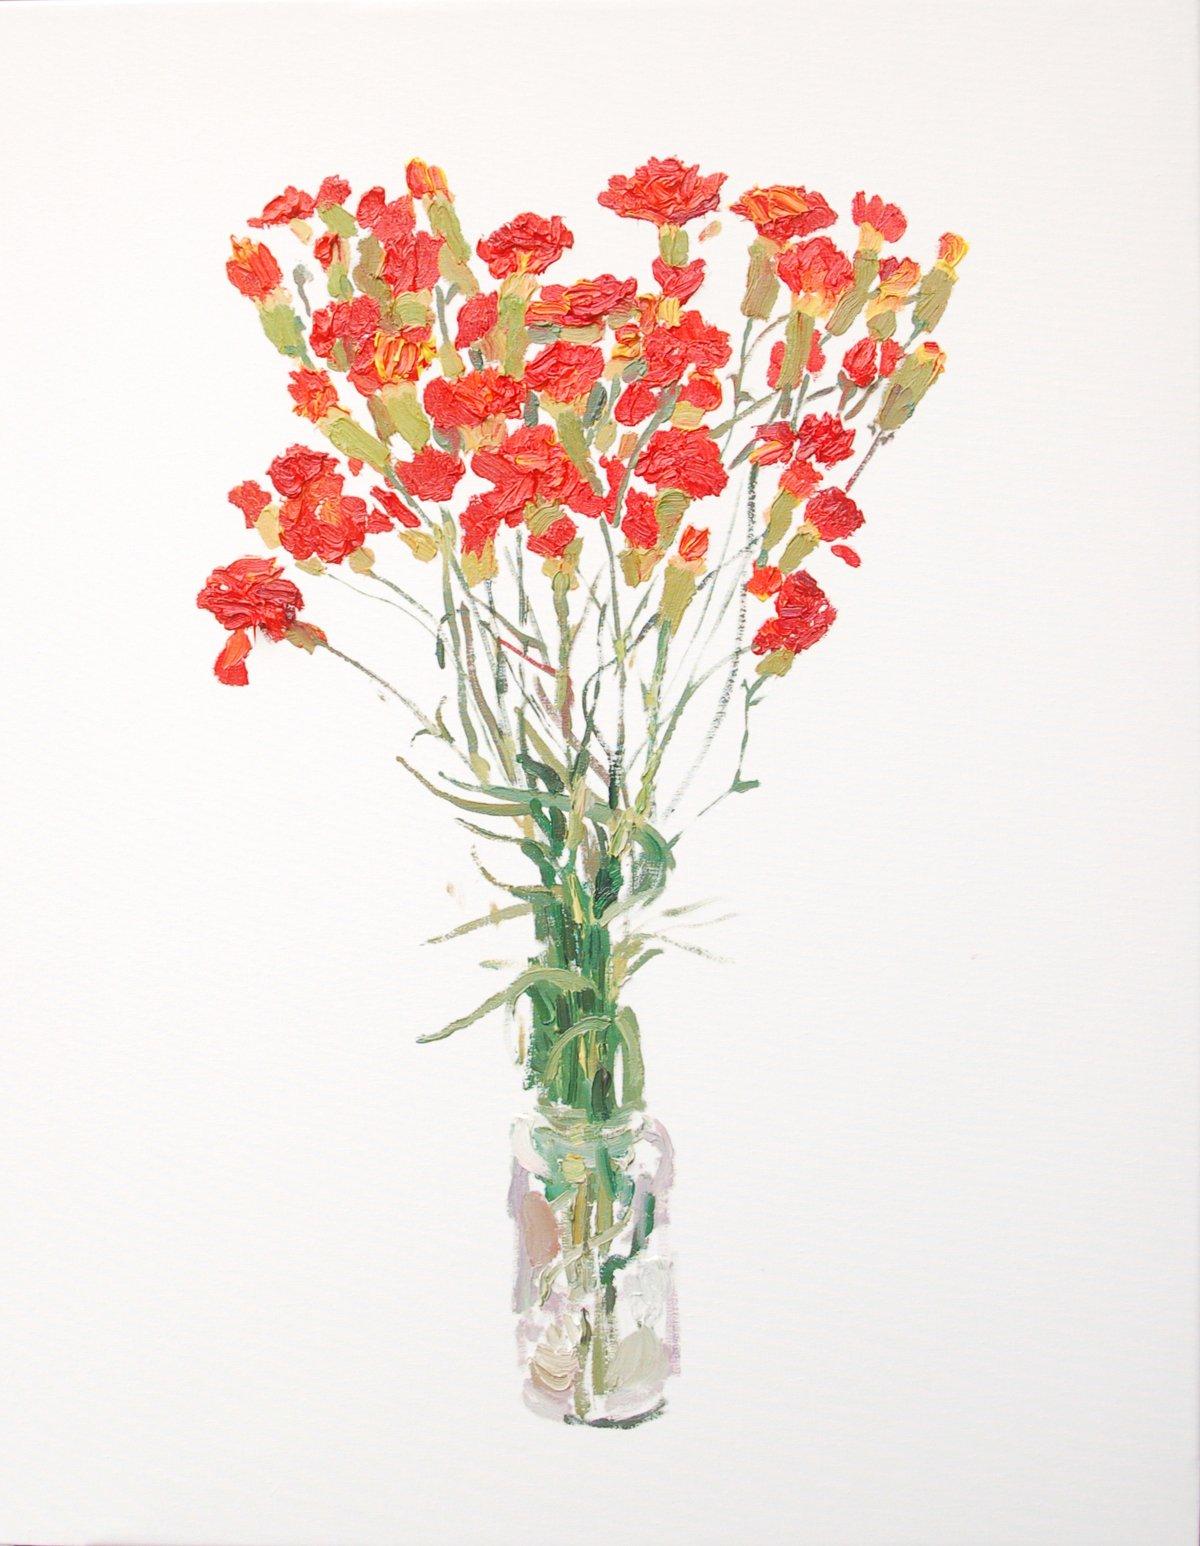 Pintar Cuadros De Flores Trinta Arte Contemporanea